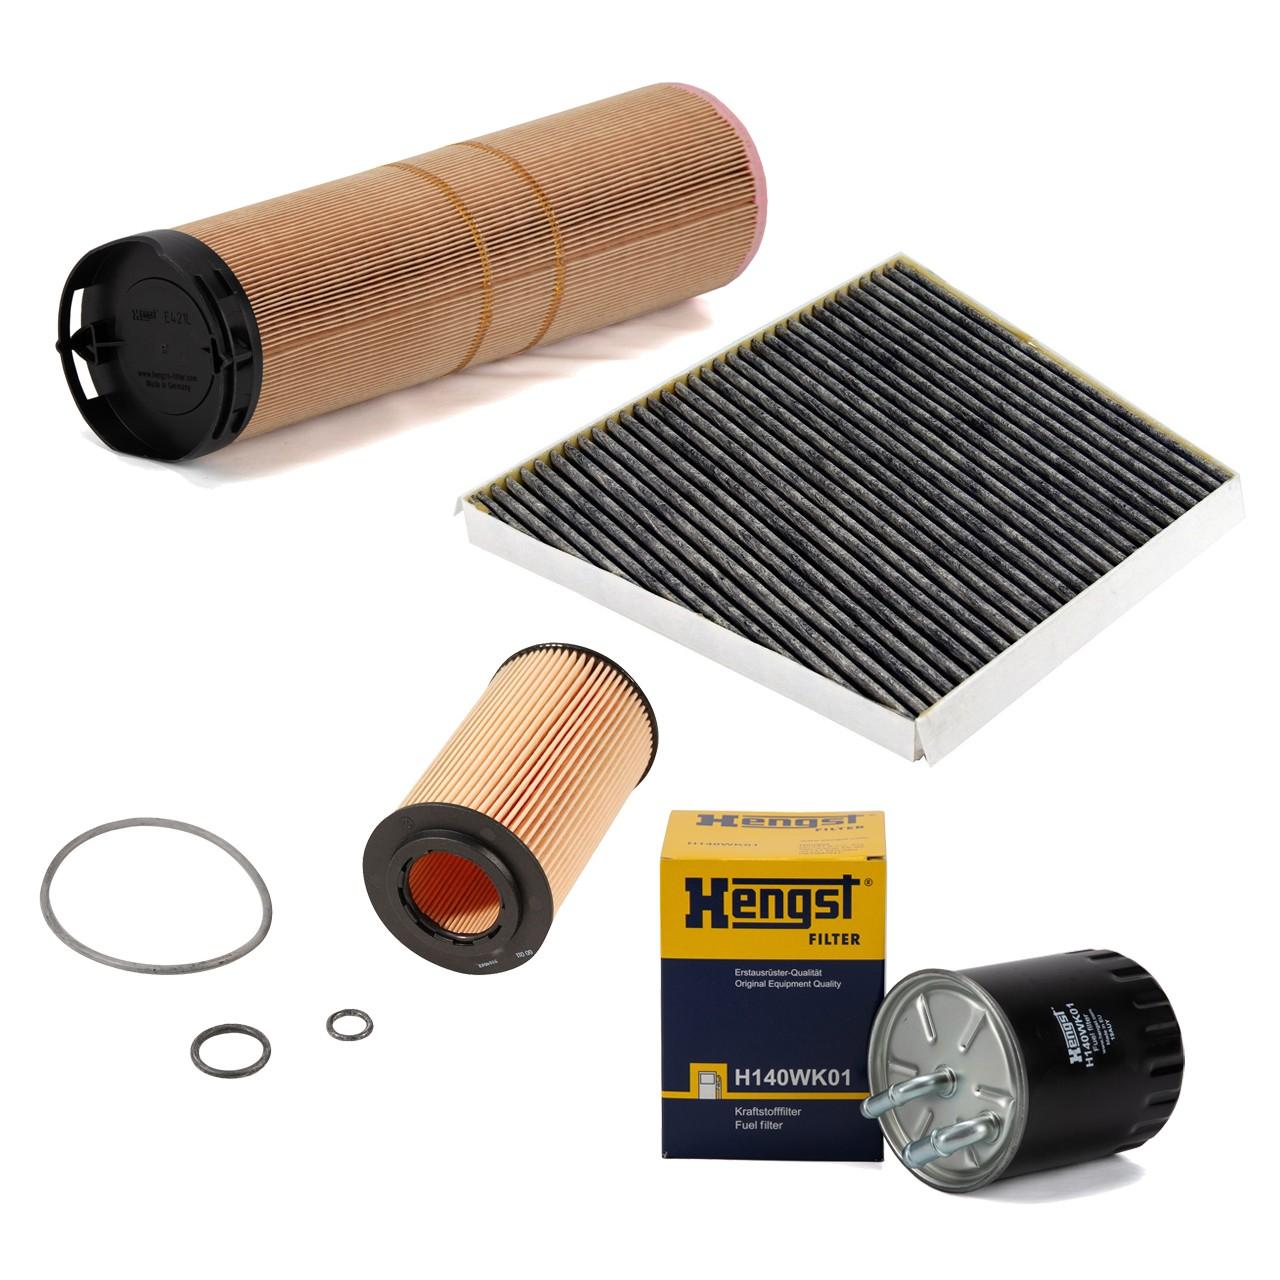 Inspektionskit MERCEDES E-Klasse W211 S211 E200/220/270CDI OM646 bis Fgst.